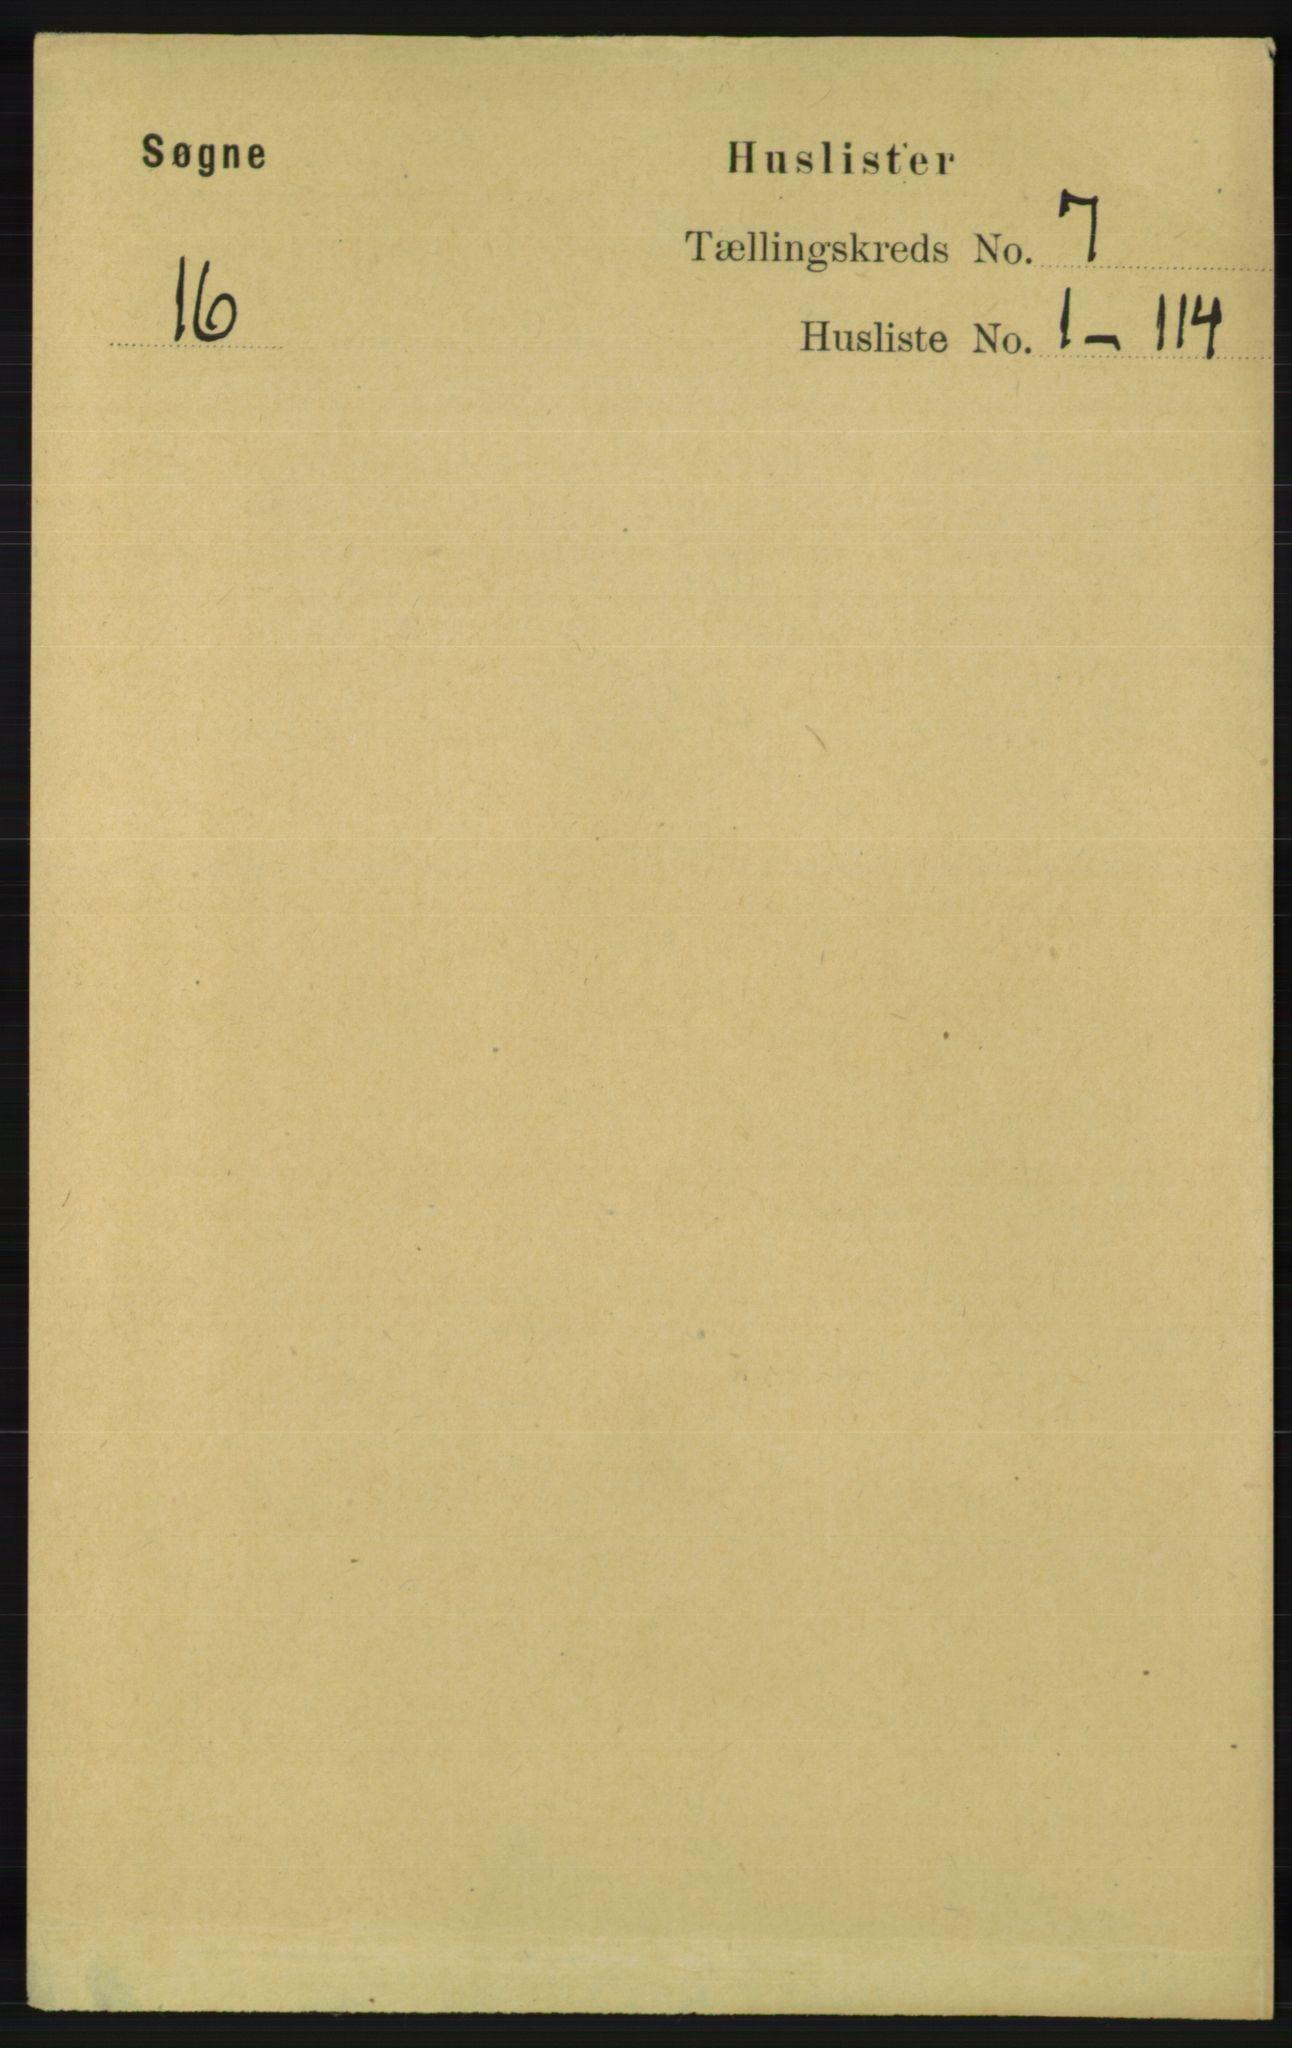 RA, Folketelling 1891 for 1018 Søgne herred, 1891, s. 1423